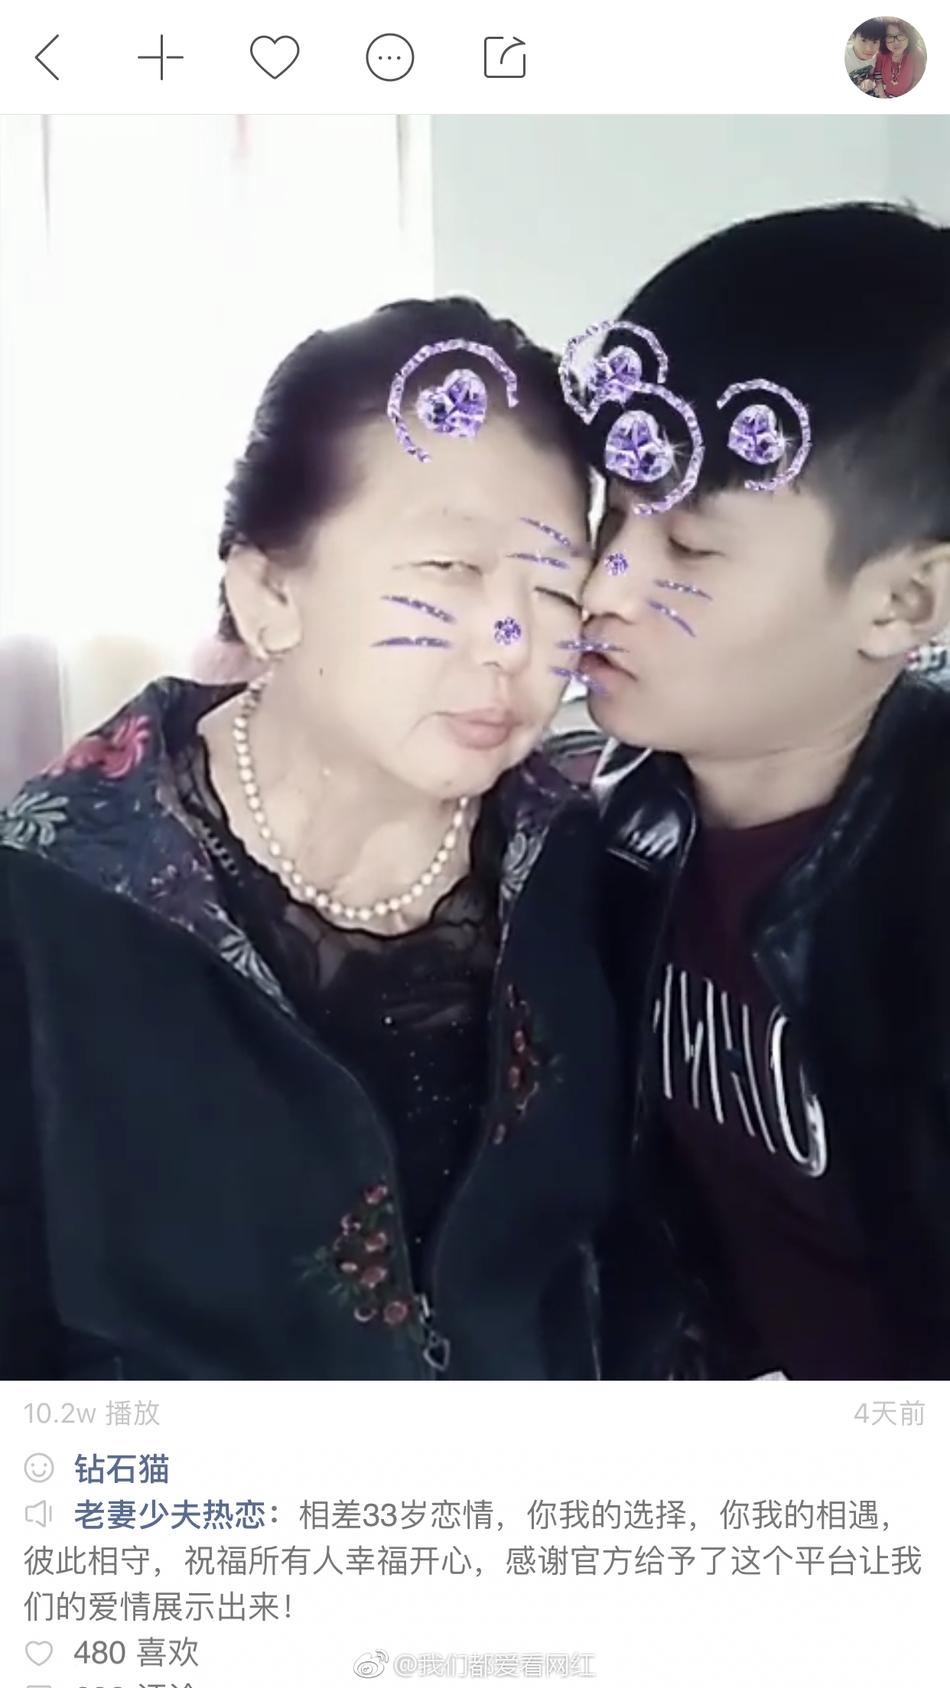 组图 快手奇葩多 少夫老妻相差33岁竟大秀恩爱